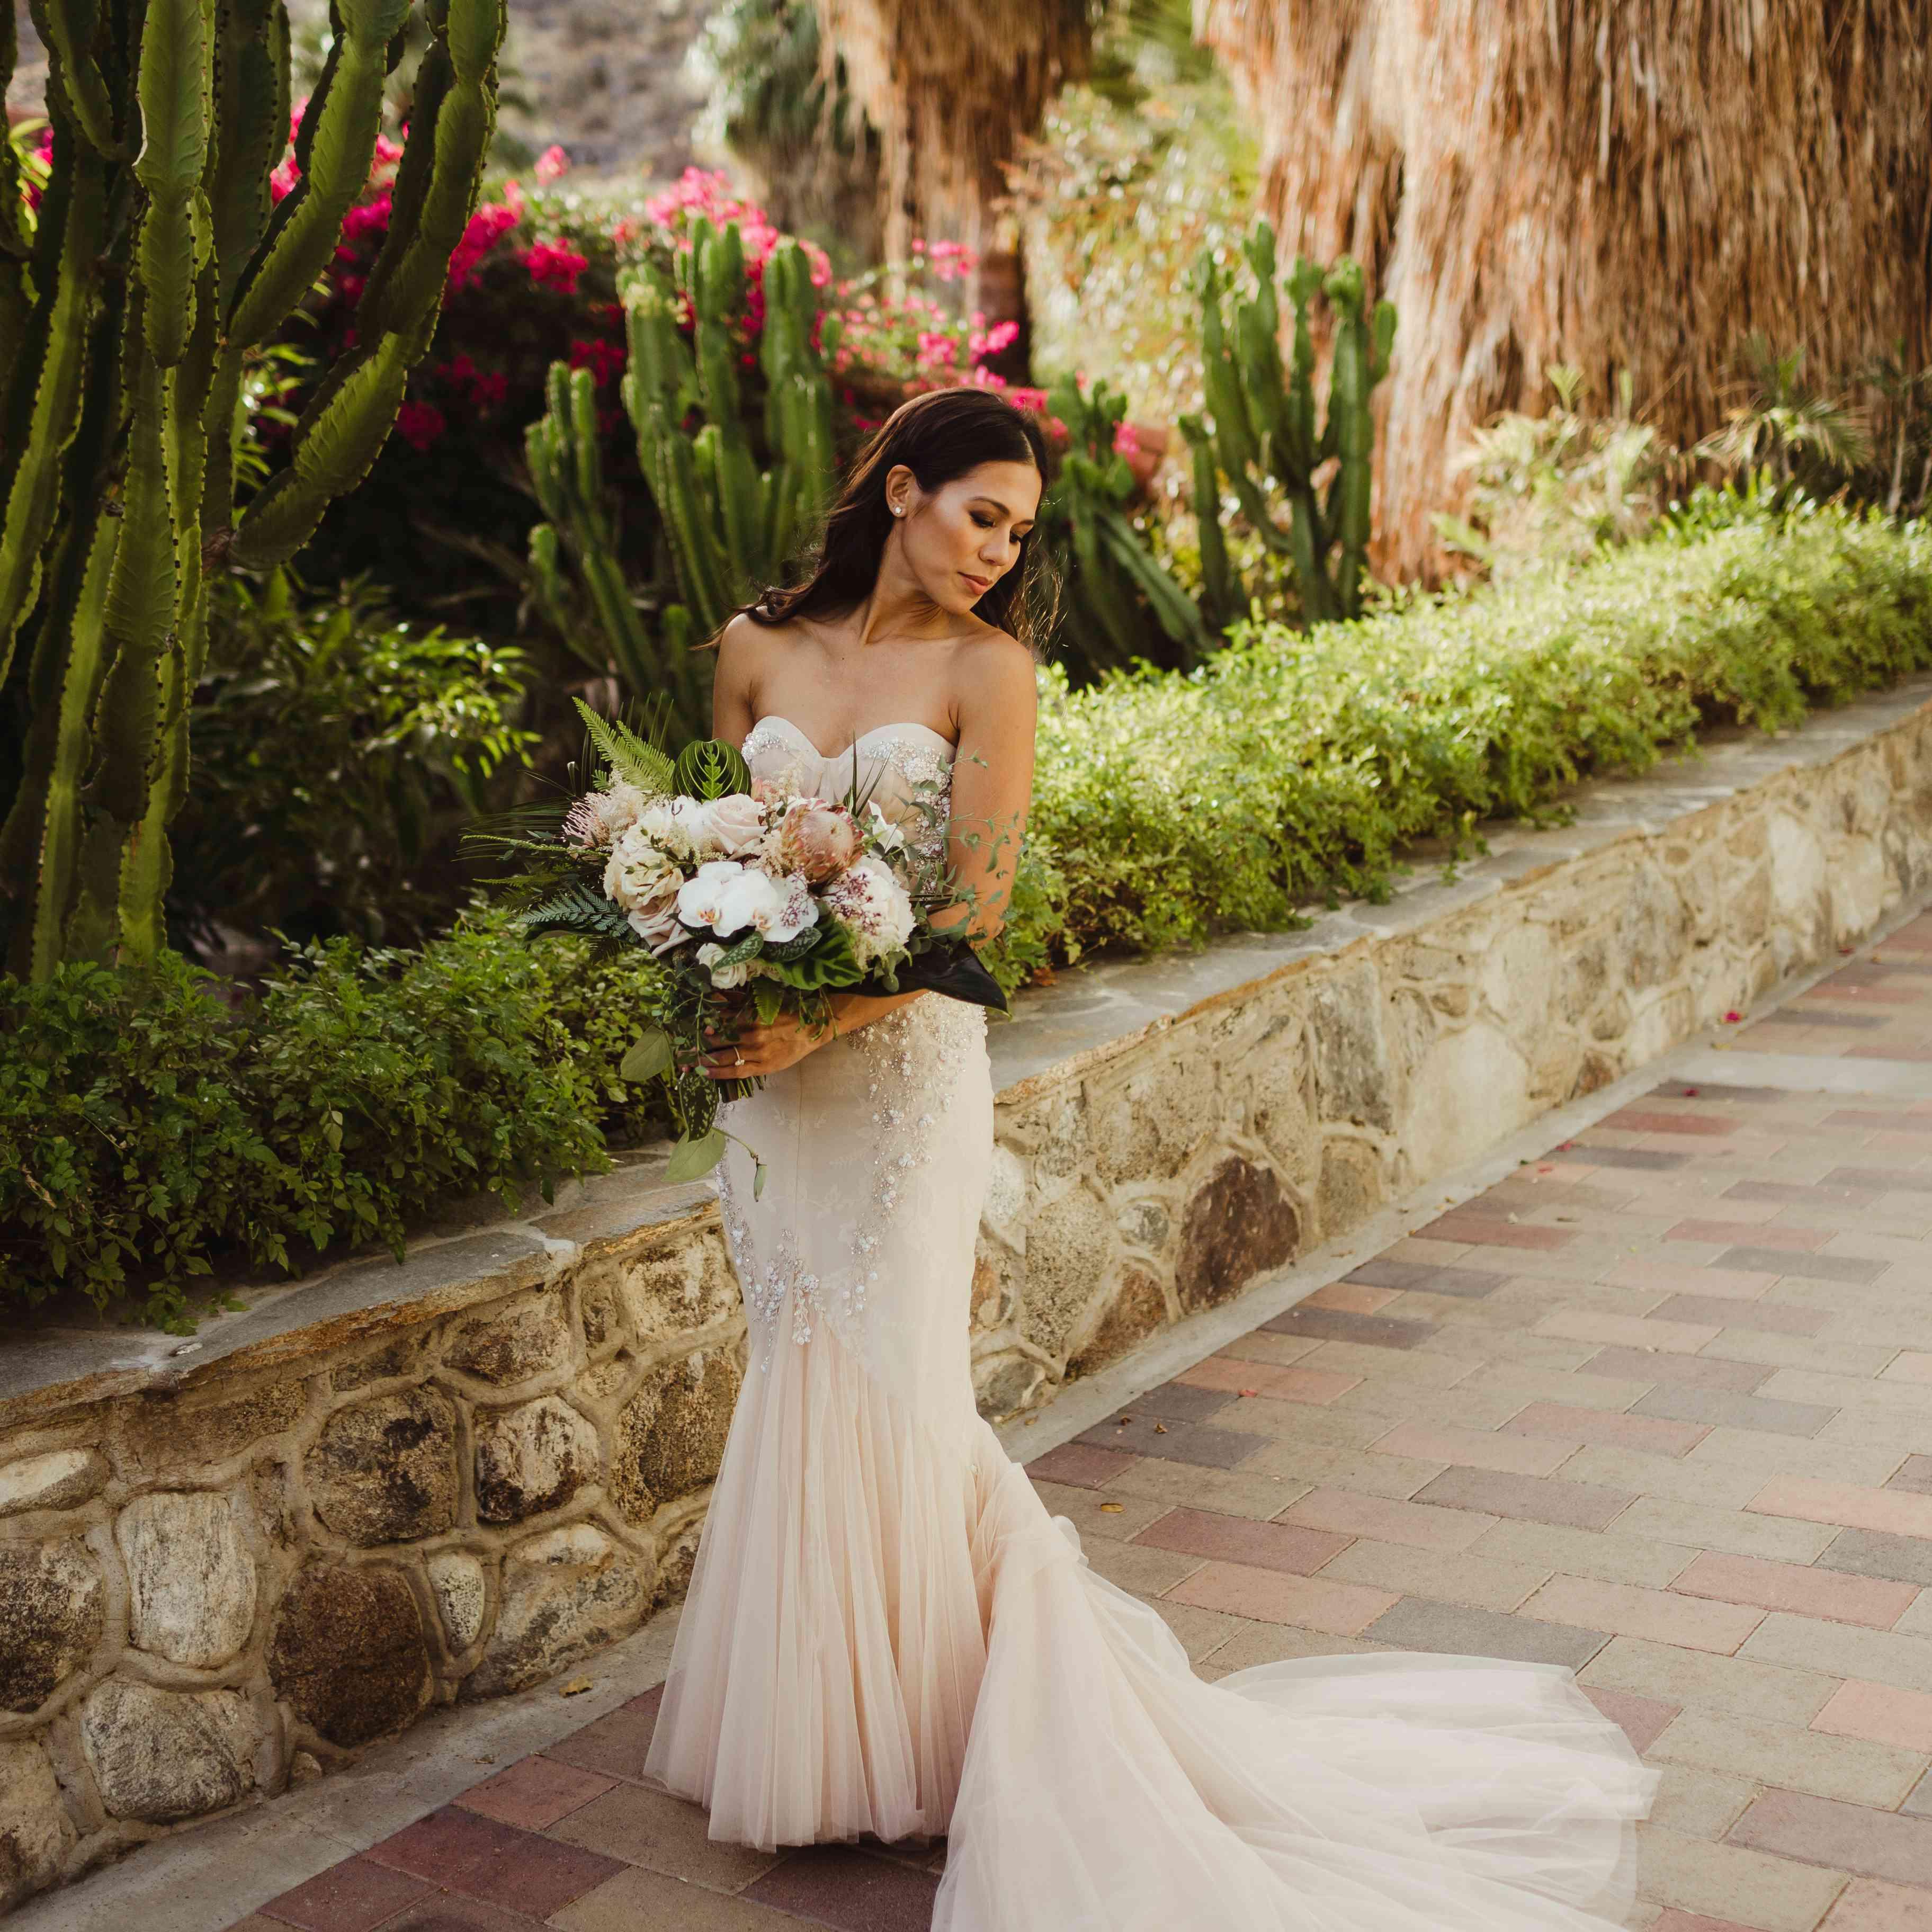 Bride solo shot holding bouquet